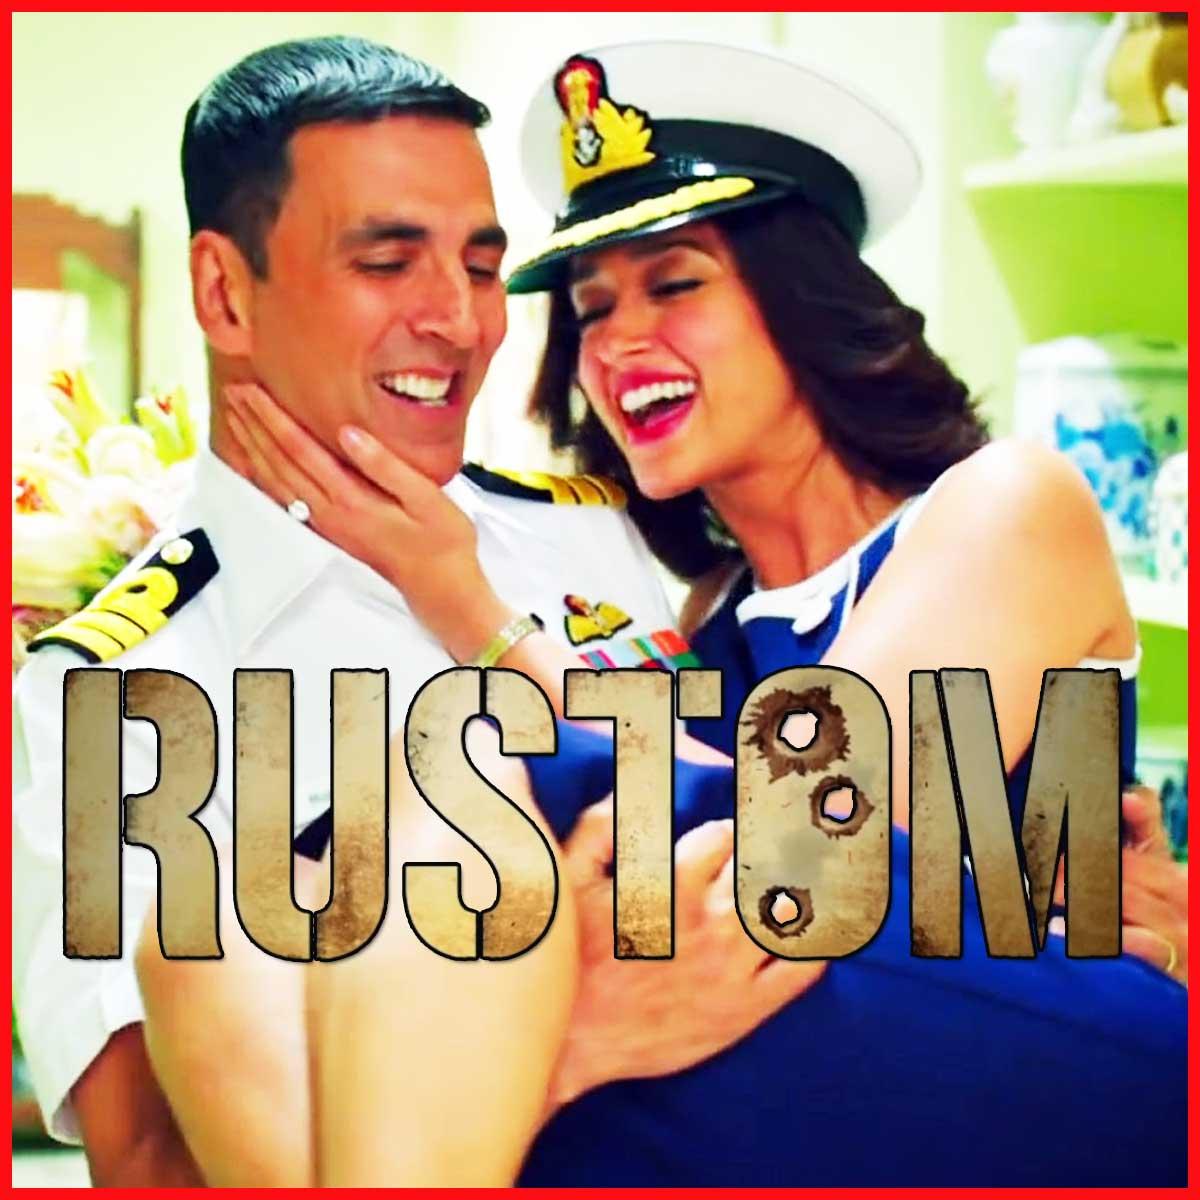 rustom akshay kumar movie mp3 song download